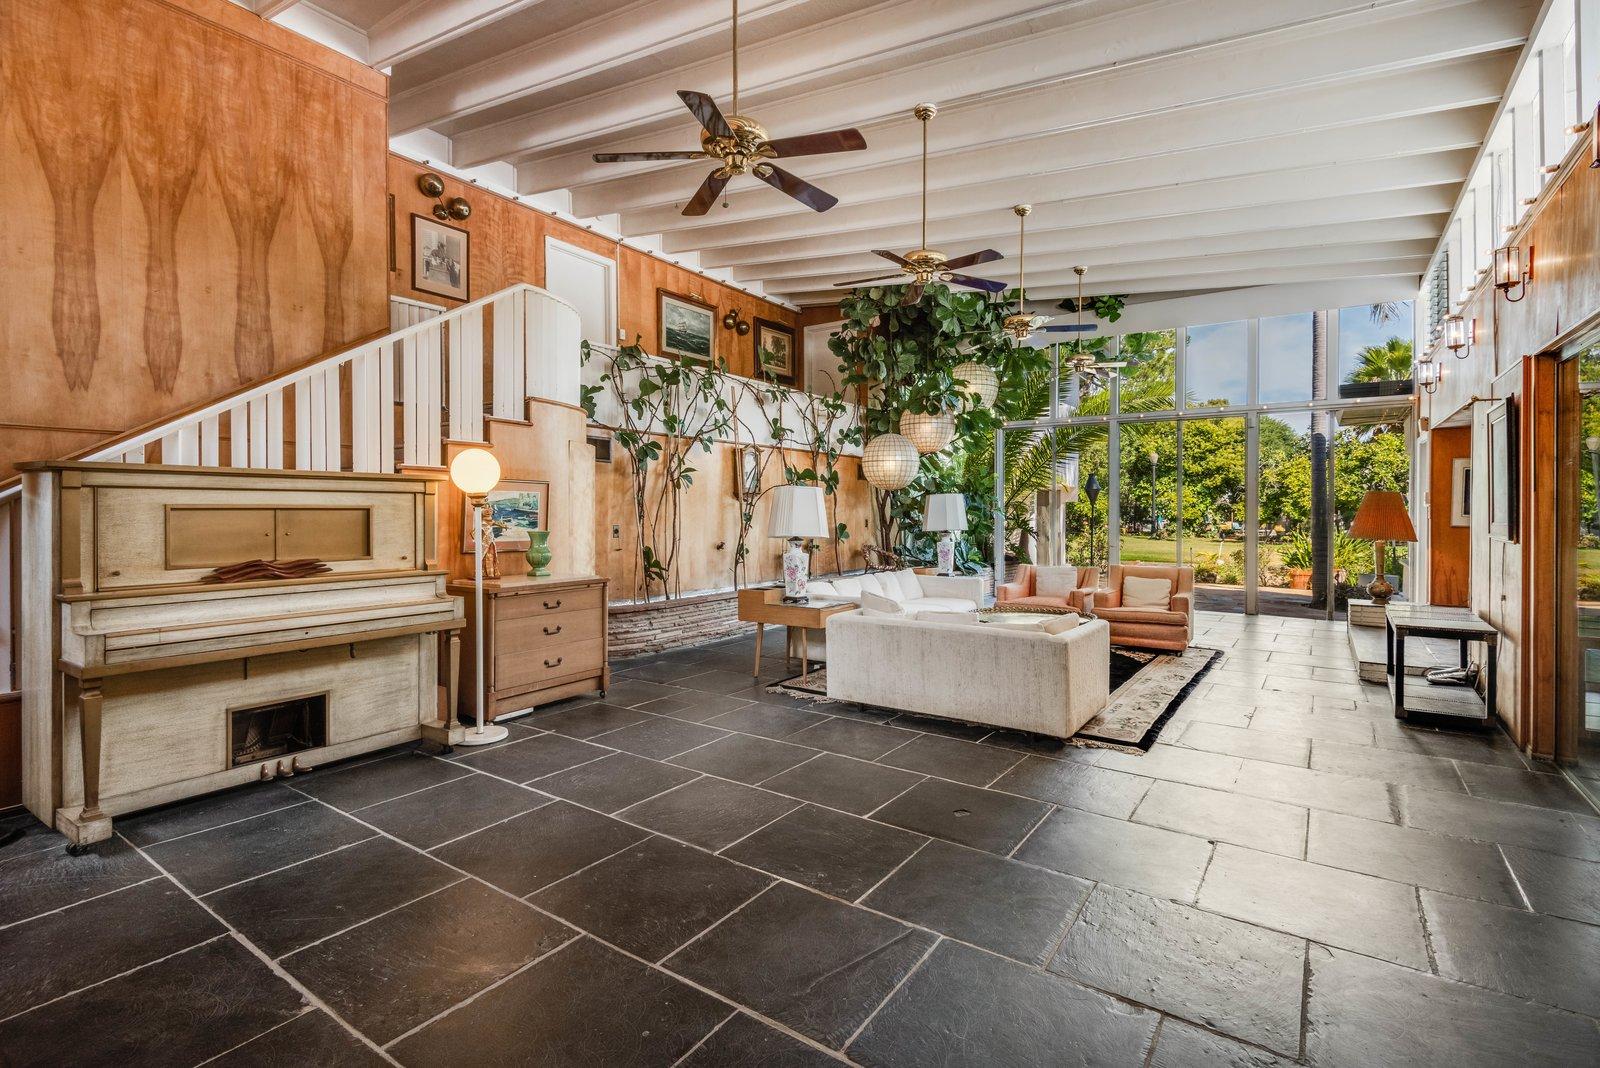 Brittain-Wachs Residence garden room